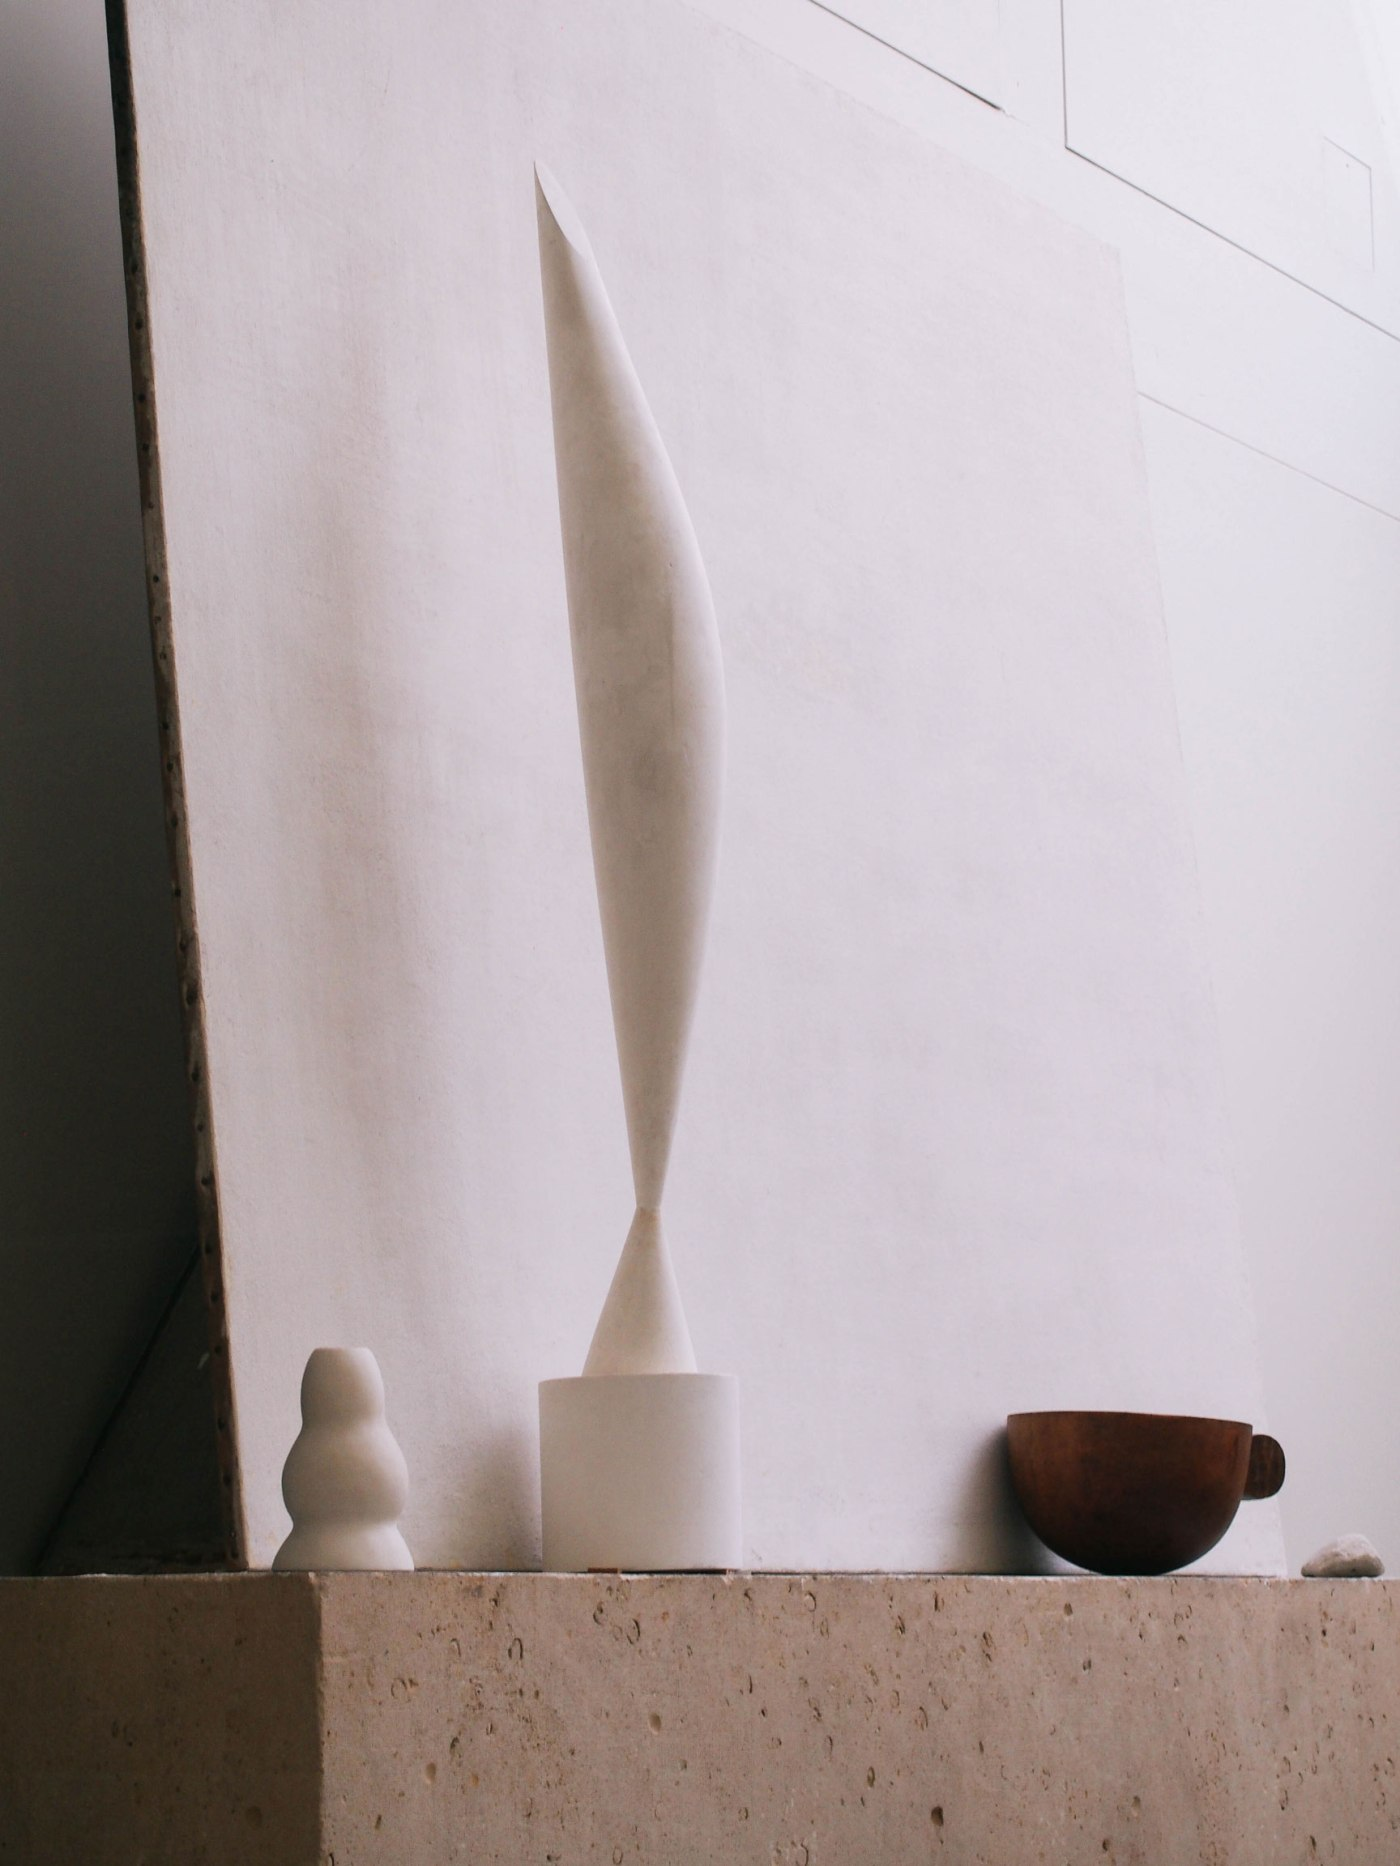 atelier-brancusi-paris-8-jennifer-ring